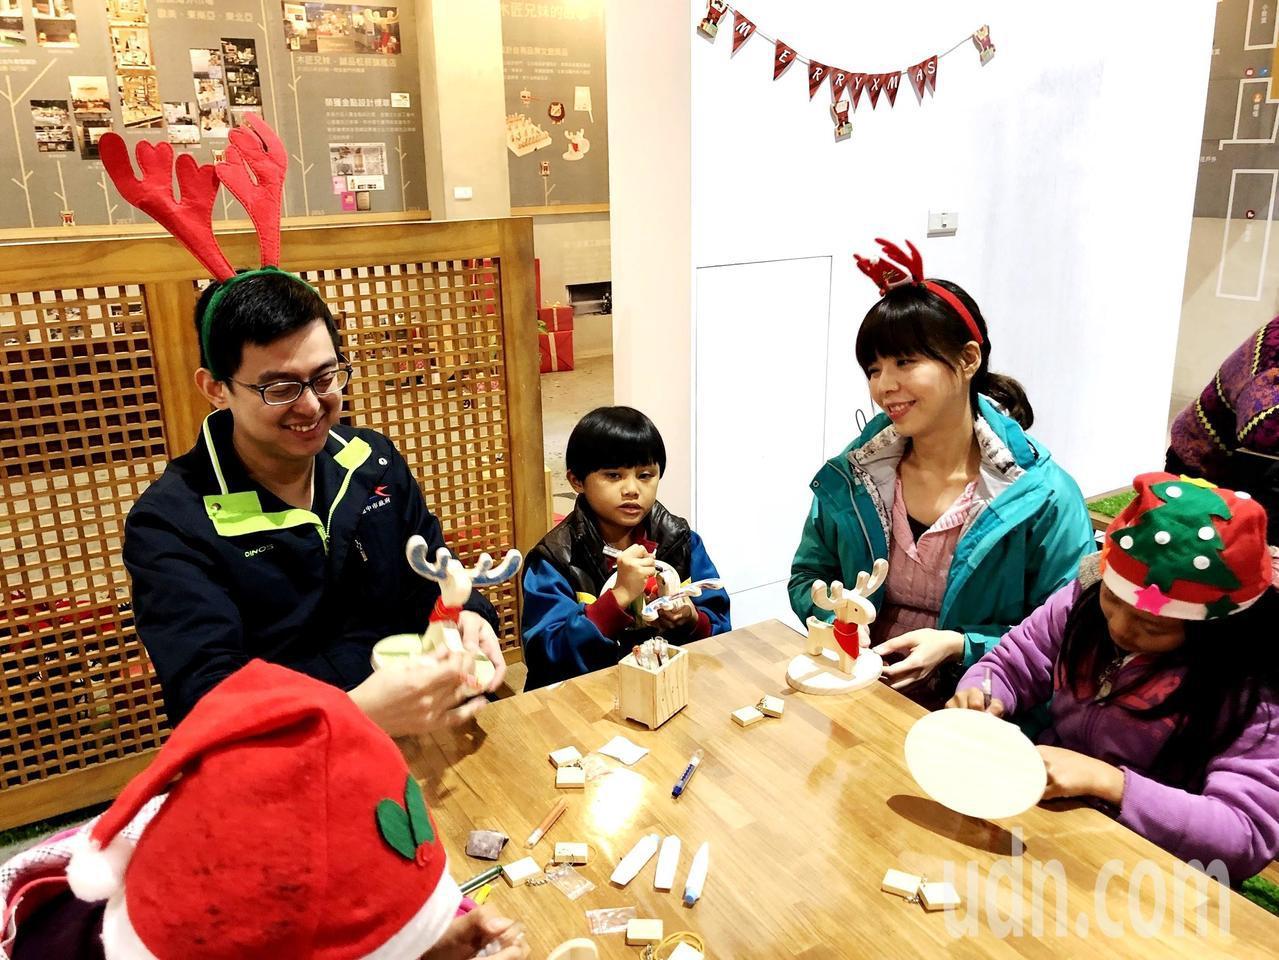 立委洪慈庸(右)與丈夫卓冠廷下午聯袂在后里體驗木工DIY,為今年的耶誕節動手做禮...